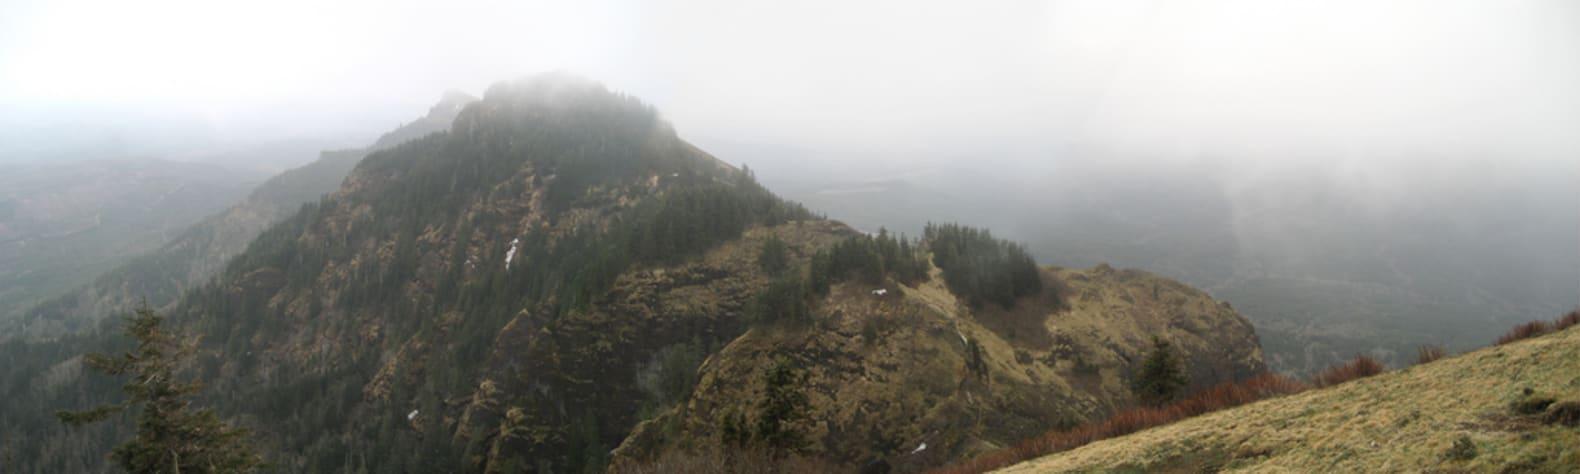 Saddle Mountain State Natural Area